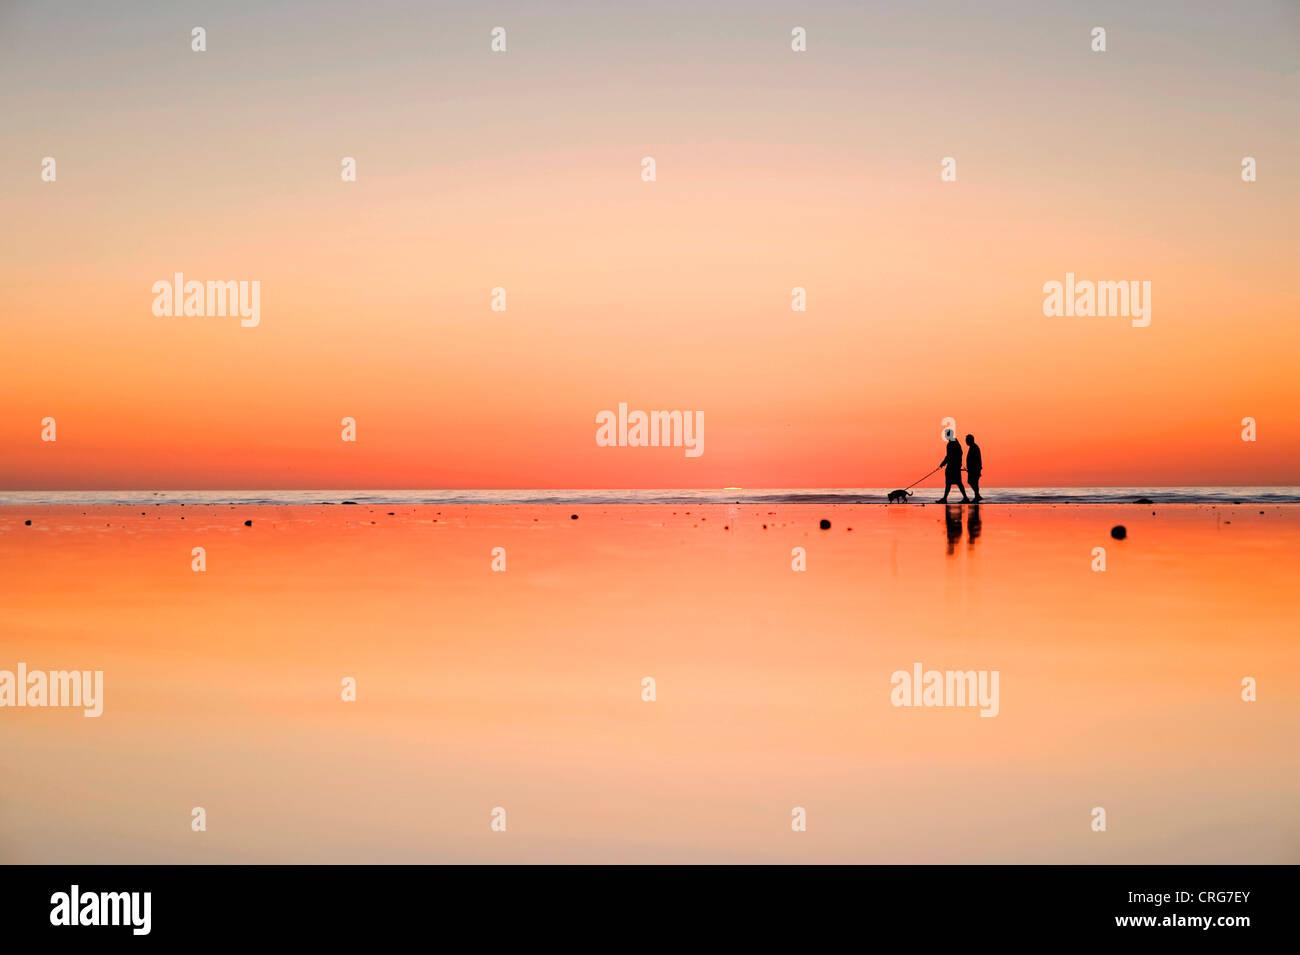 Silhouette Zahlen spazieren ihren Hund auf nassen Sand am Meer bei Sonnenuntergang. Stockbild